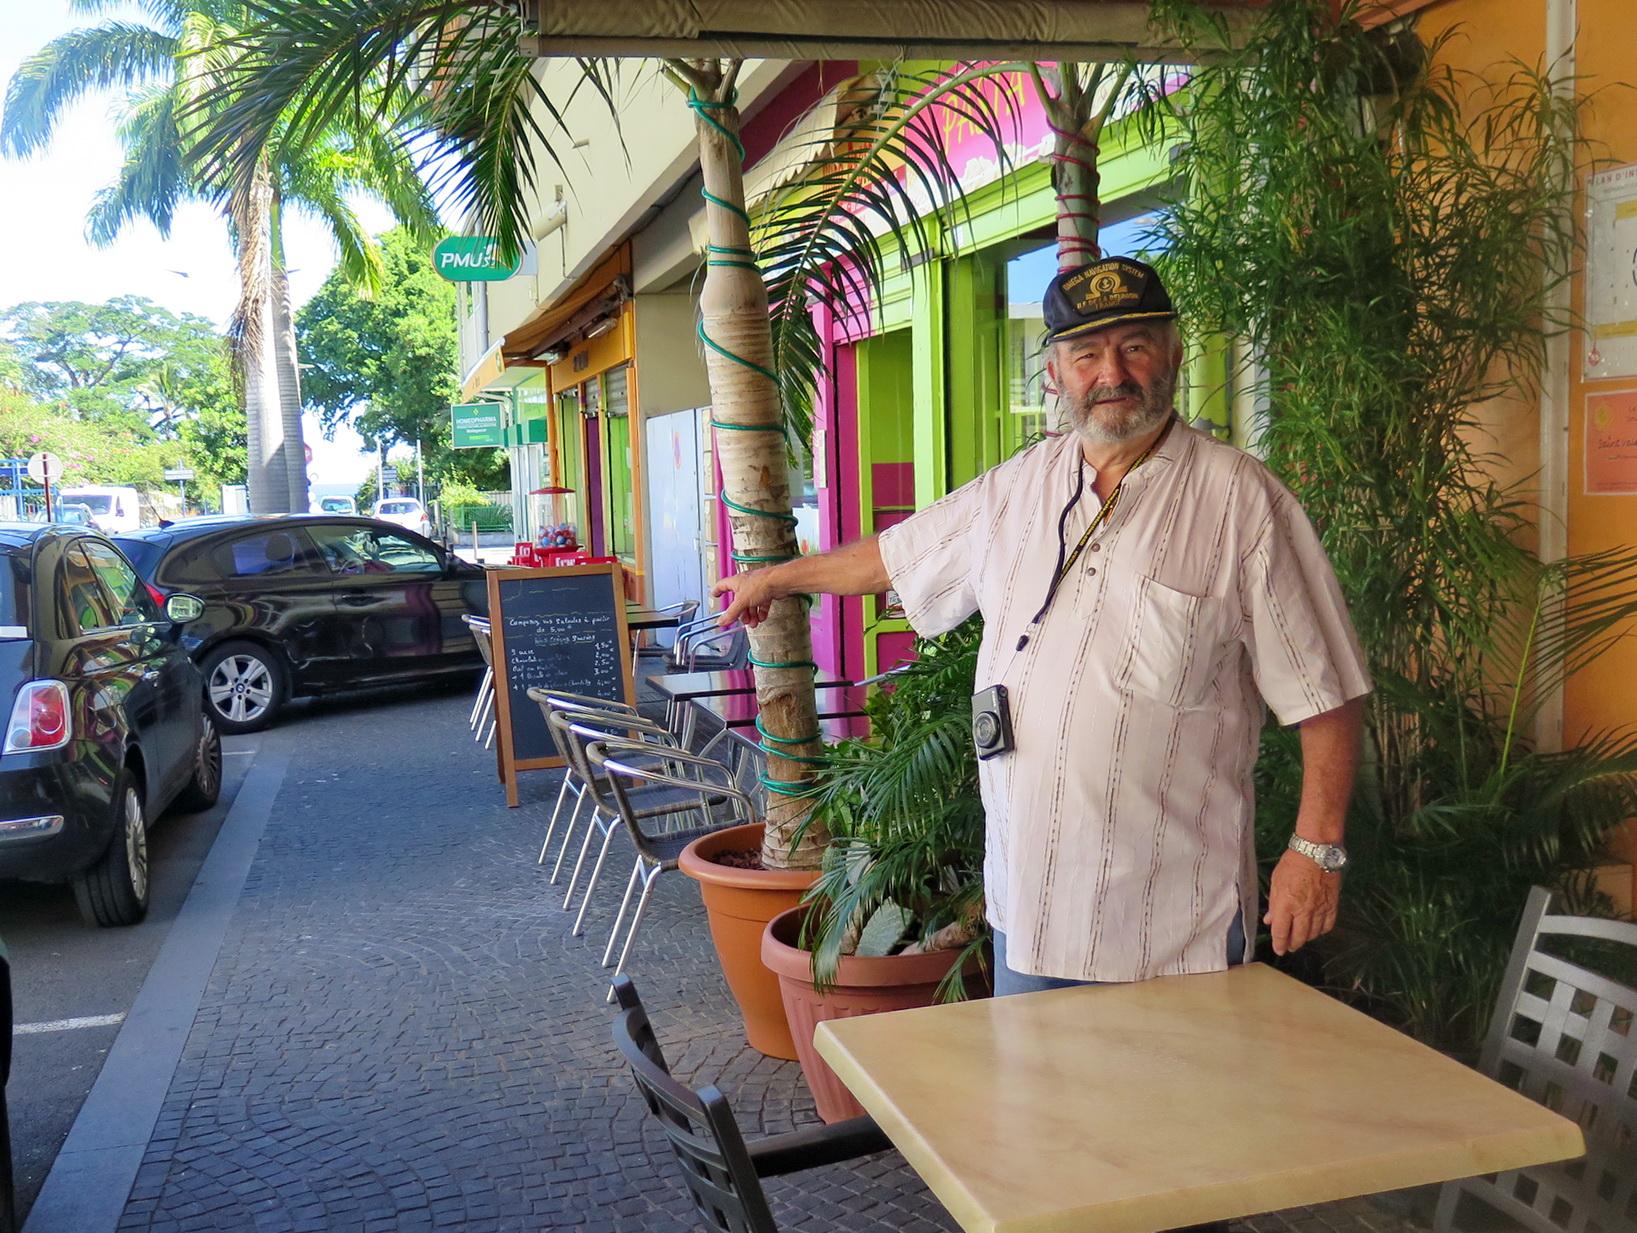 [Vie des ports] Les ports de la Réunion - Page 9 447600floral282